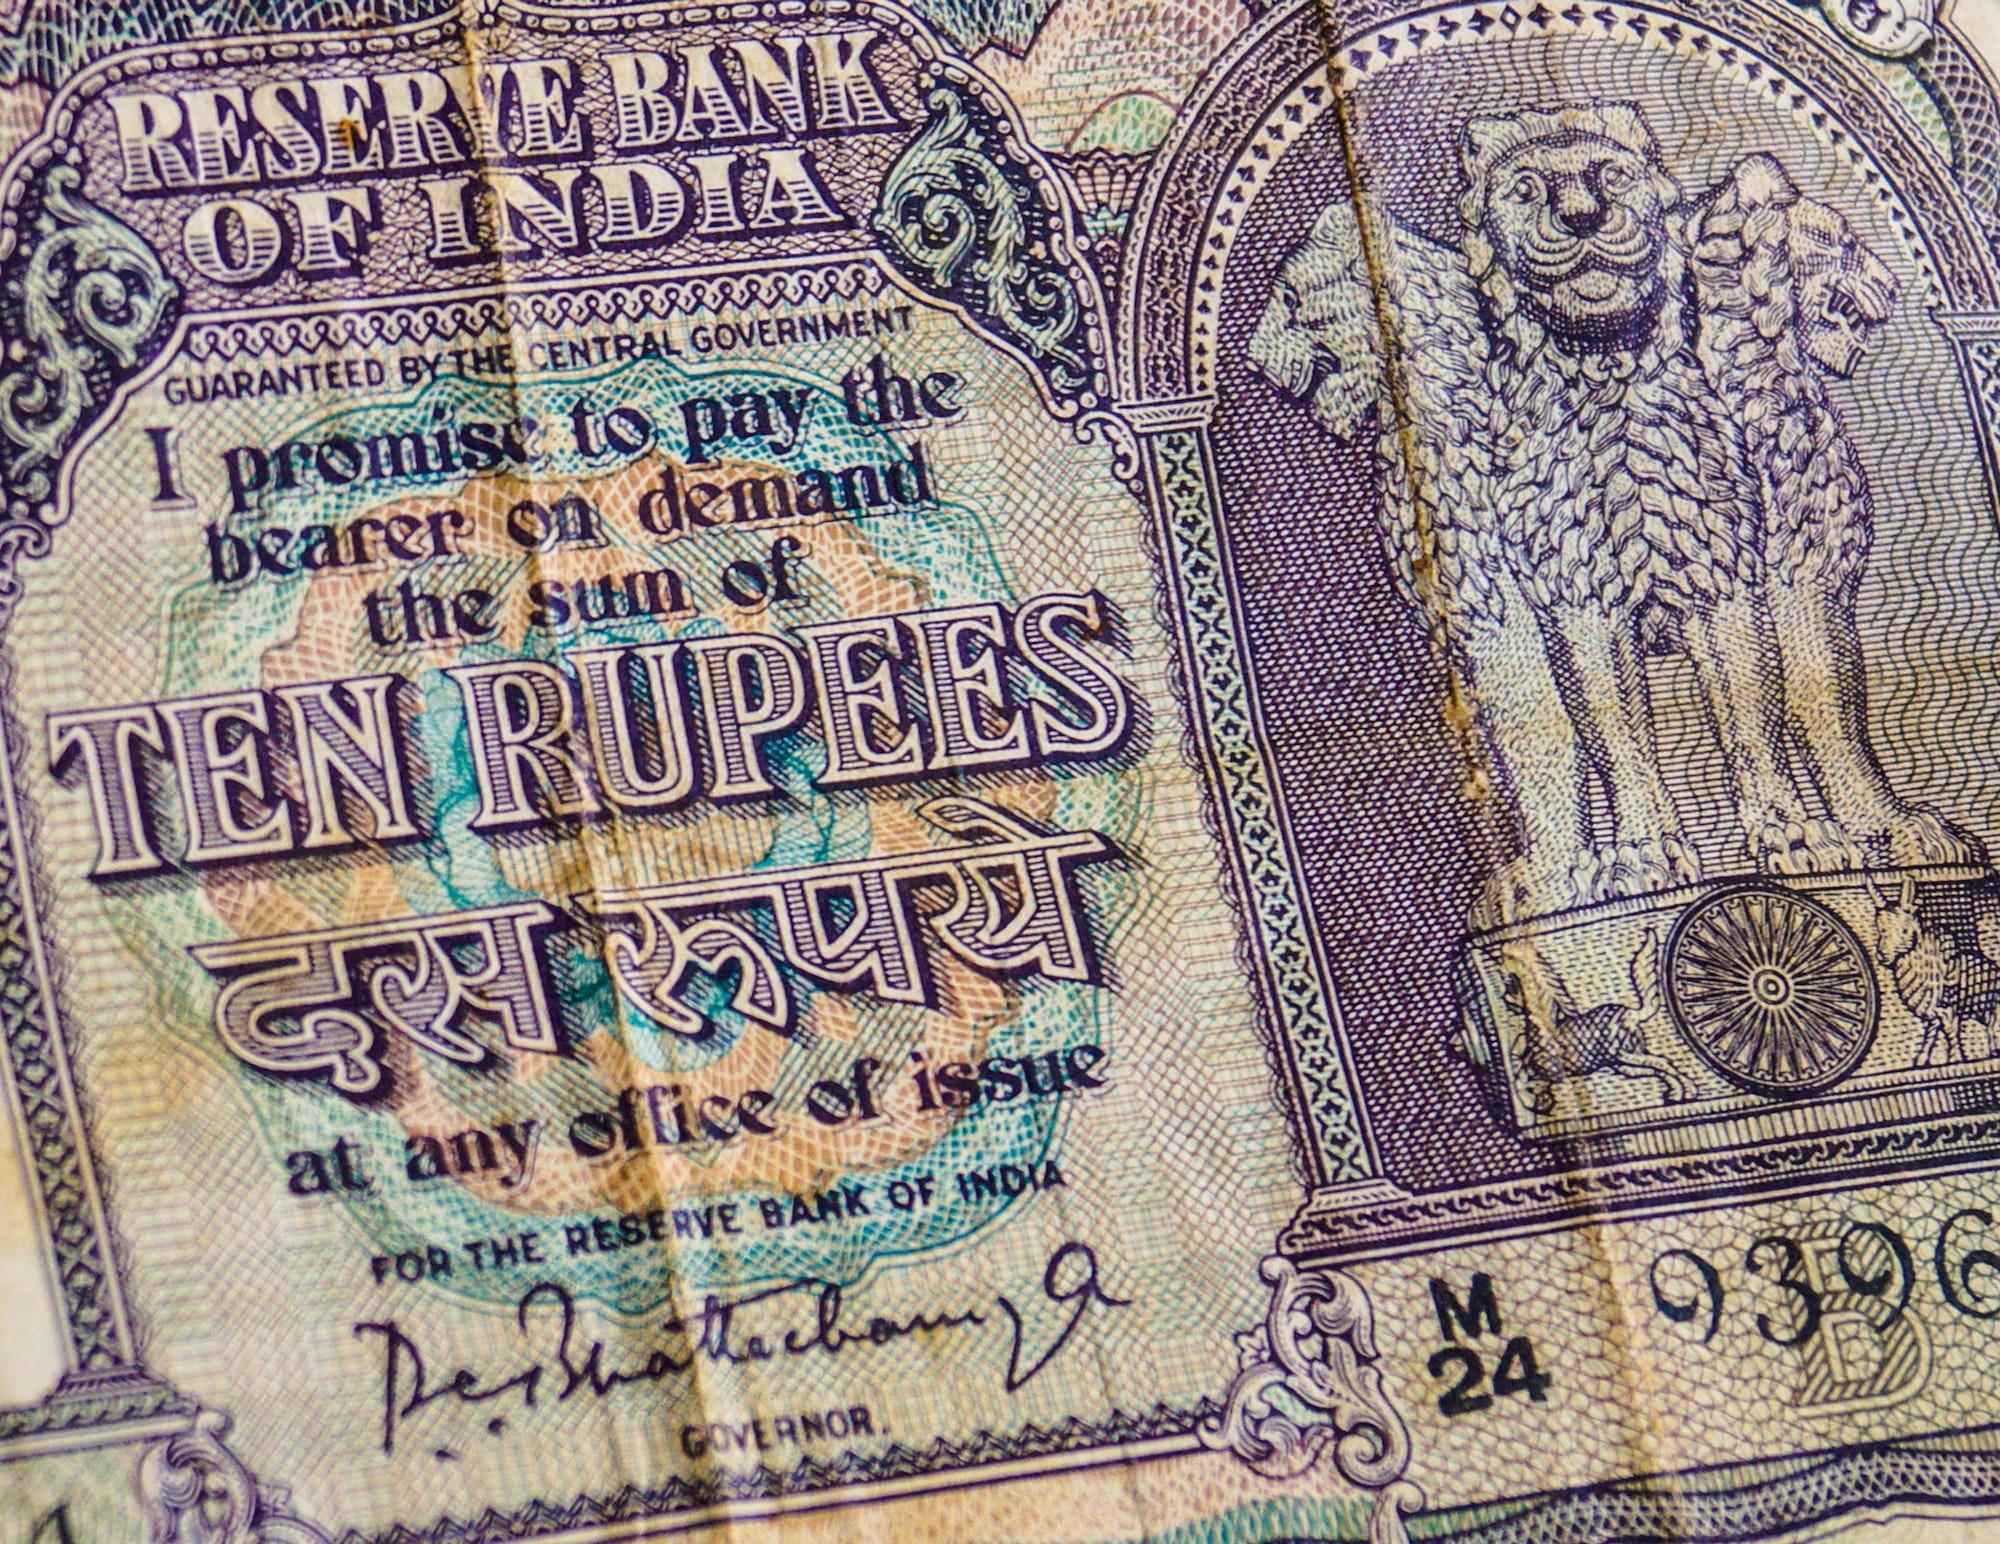 1947 Ten Rupees Note